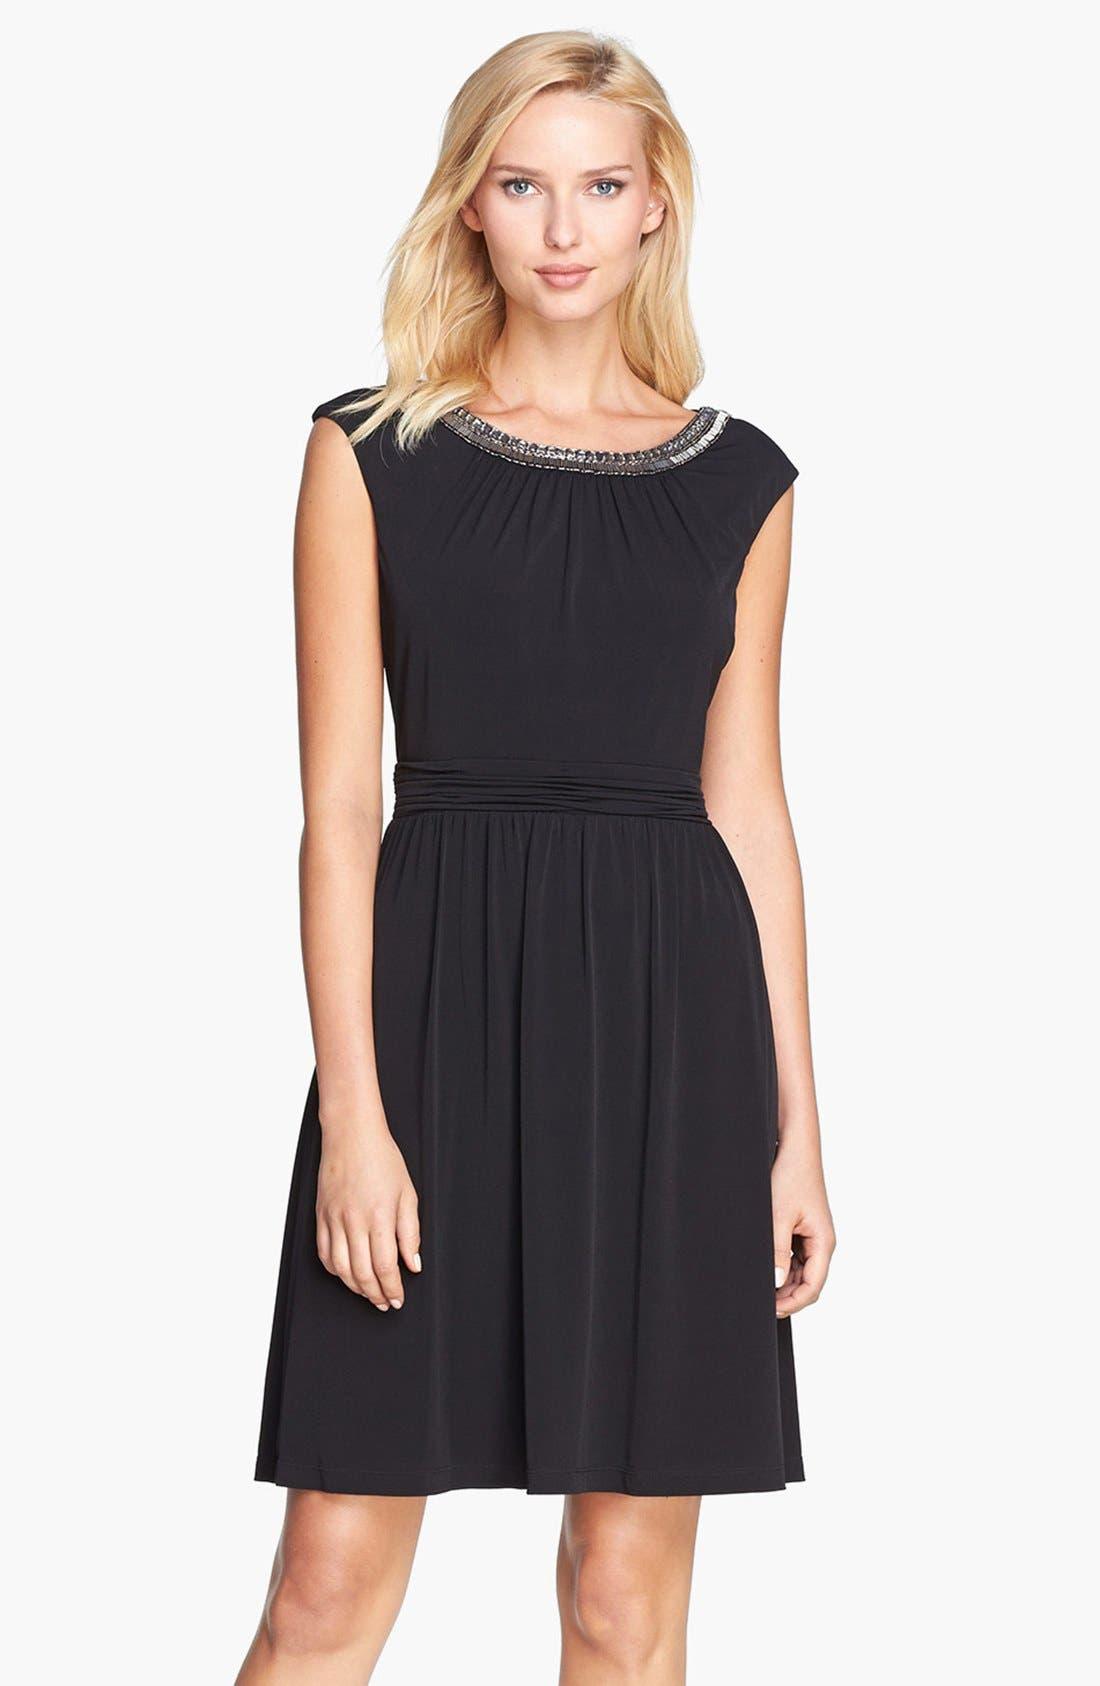 Alternate Image 1 Selected - Ellen Tracy Embellished Lace Back Crepe Dress